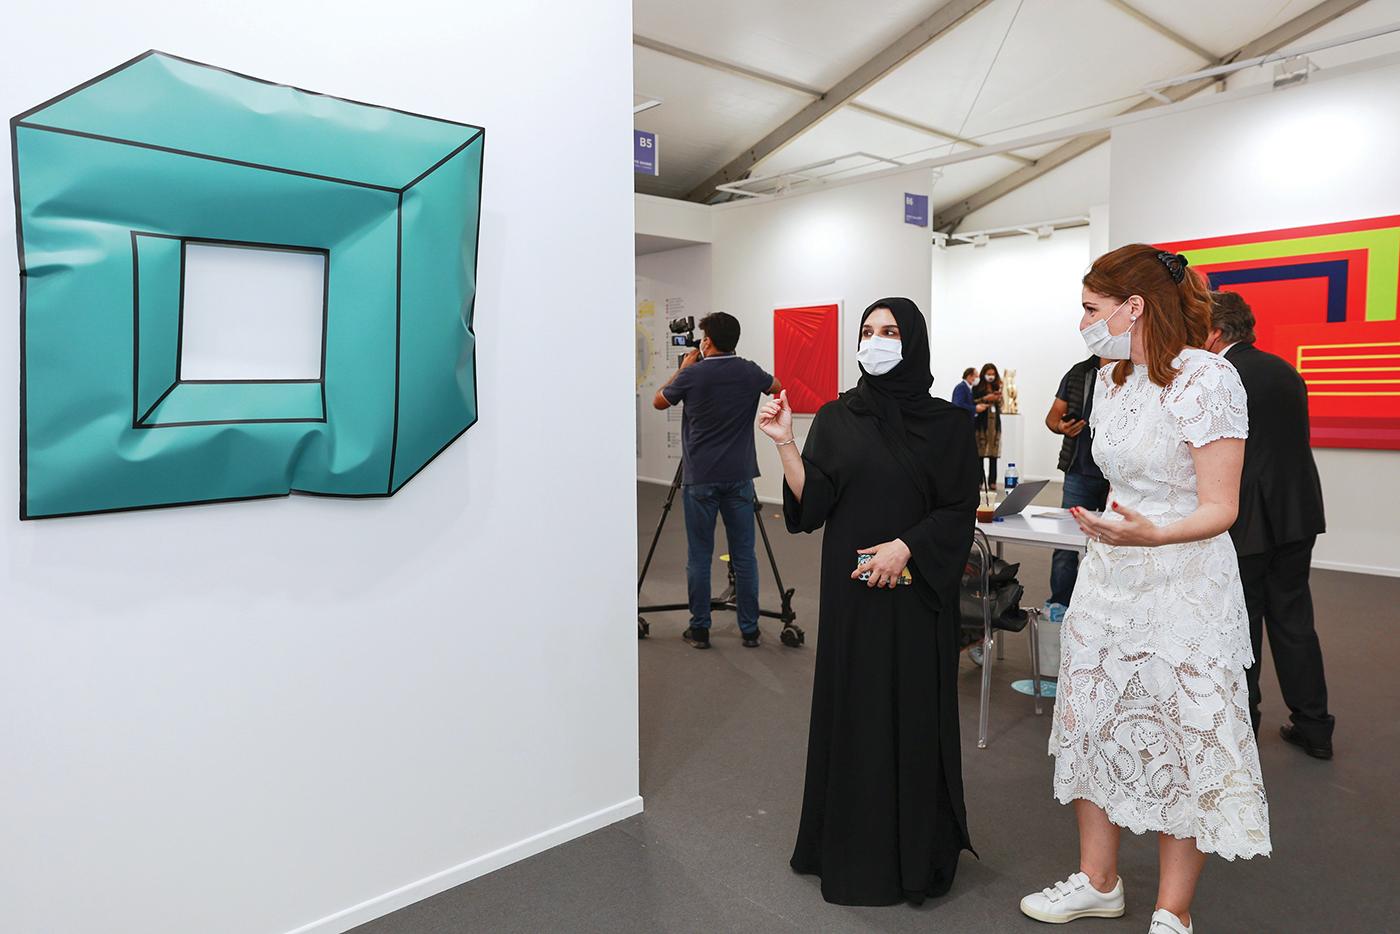 الصورة : هالة بدري خلال زيارتها المعرض | تصوير - دينيس مالاري